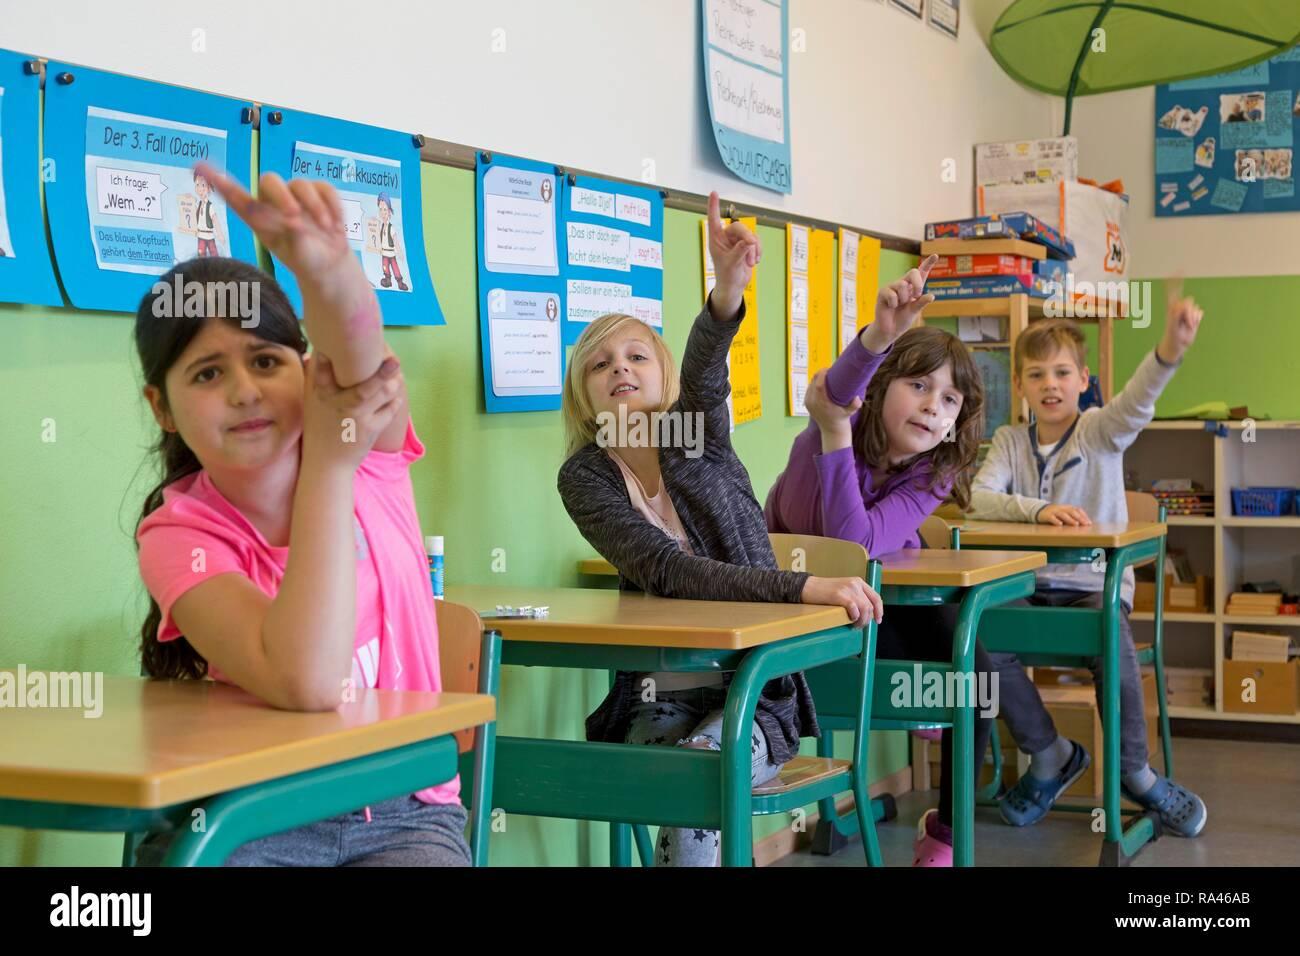 Los estudiantes levantando la mano en el aula, escuela primaria, Baja Sajonia, Alemania Imagen De Stock